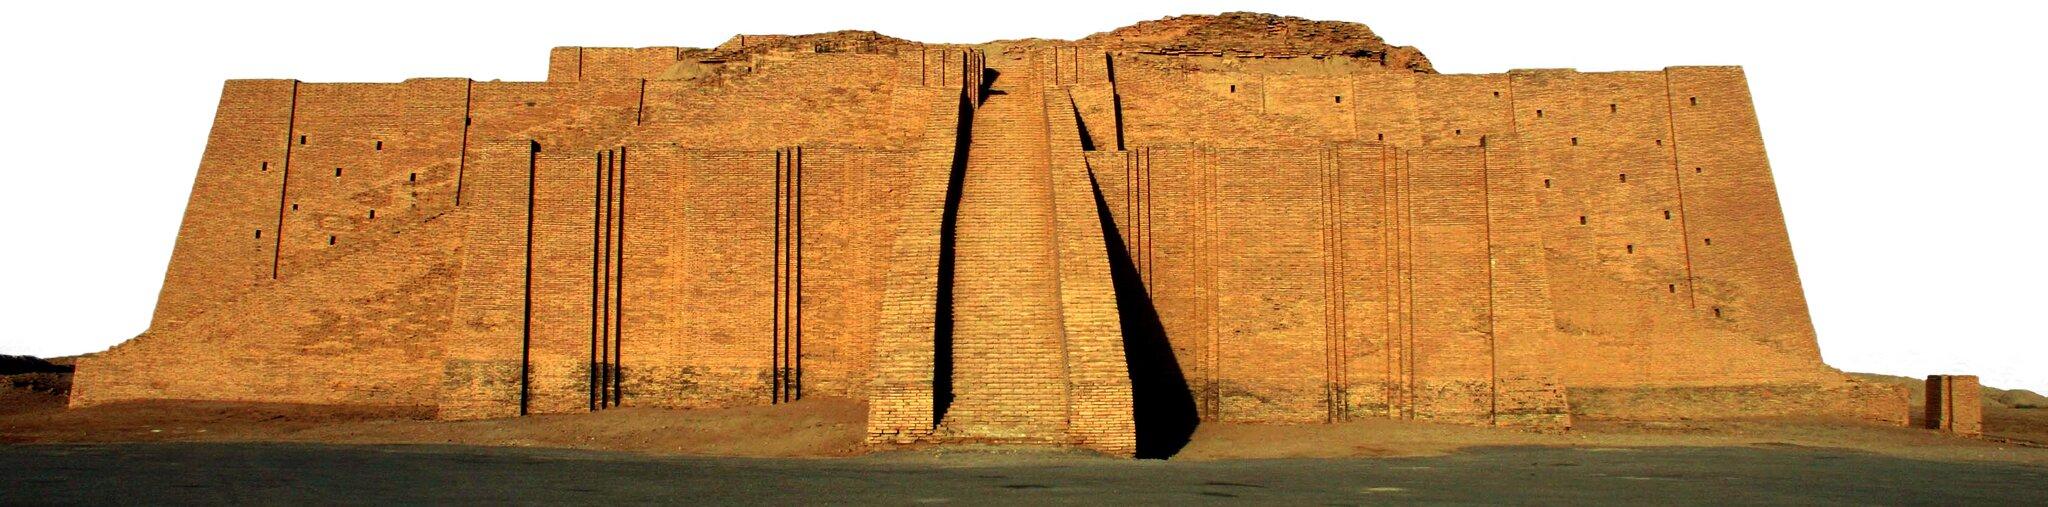 Sumerowiewierzyli wwielu bogów. Każde miasto miało swoje bóstwo opiekuńcze. Świątynie stawiano na szczytach konstrukcji zwanych zigguratami. WMezopotamii trudno było okamień, więc zikkuraty budowano zglinianych, suszonych na słońcu cegieł. Sumerowiewierzyli wwielu bogów. Każde miasto miało swoje bóstwo opiekuńcze. Świątynie stawiano na szczytach konstrukcji zwanych zigguratami. WMezopotamii trudno było okamień, więc zikkuraty budowano zglinianych, suszonych na słońcu cegieł. Źródło: domena publiczna.